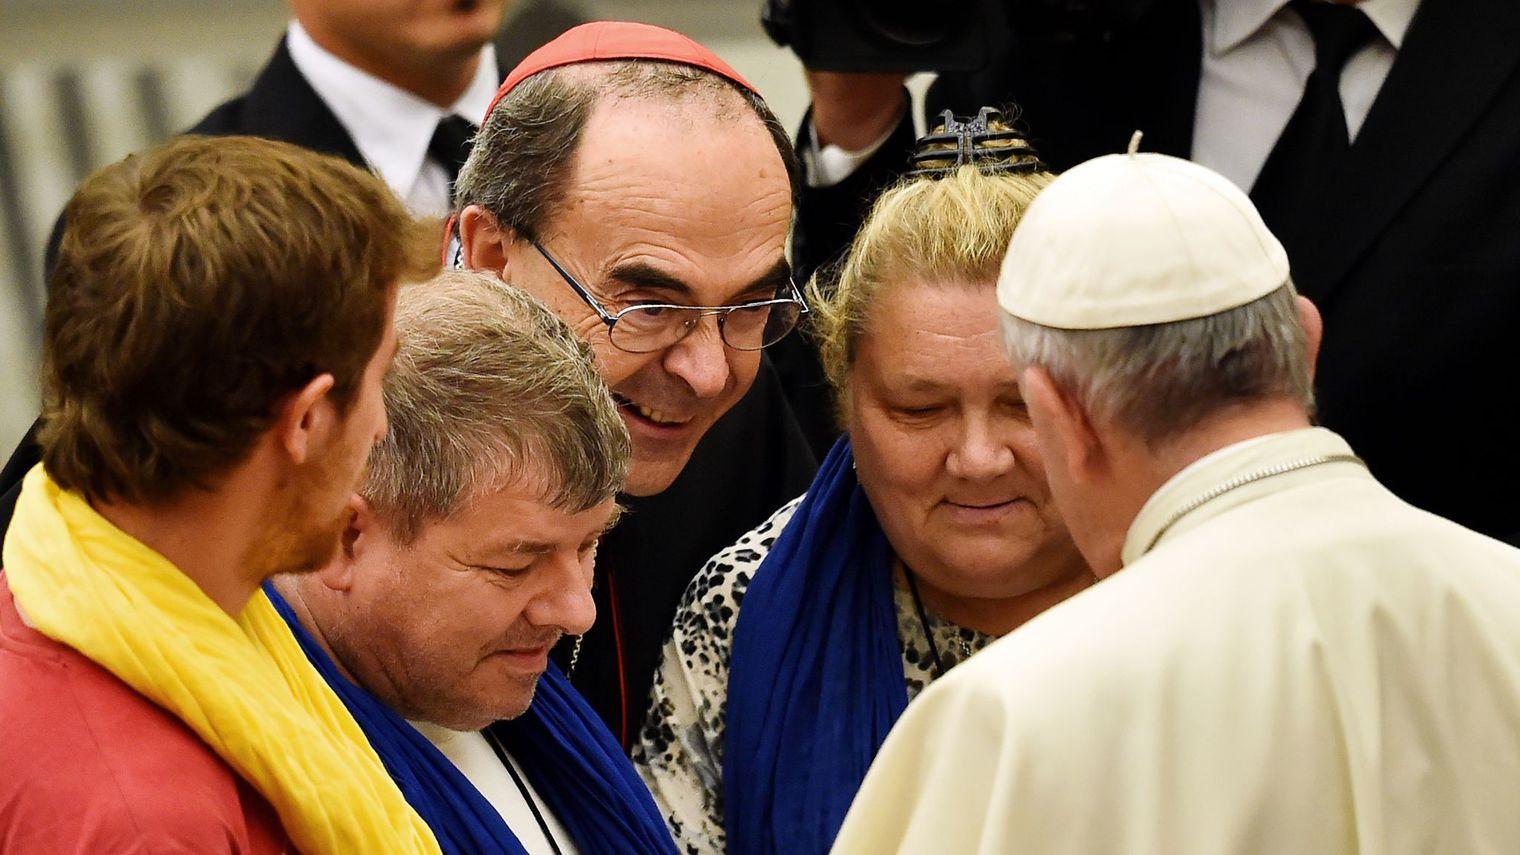 pélerinage, personnes en précarité, pape François, Jean Rodhain